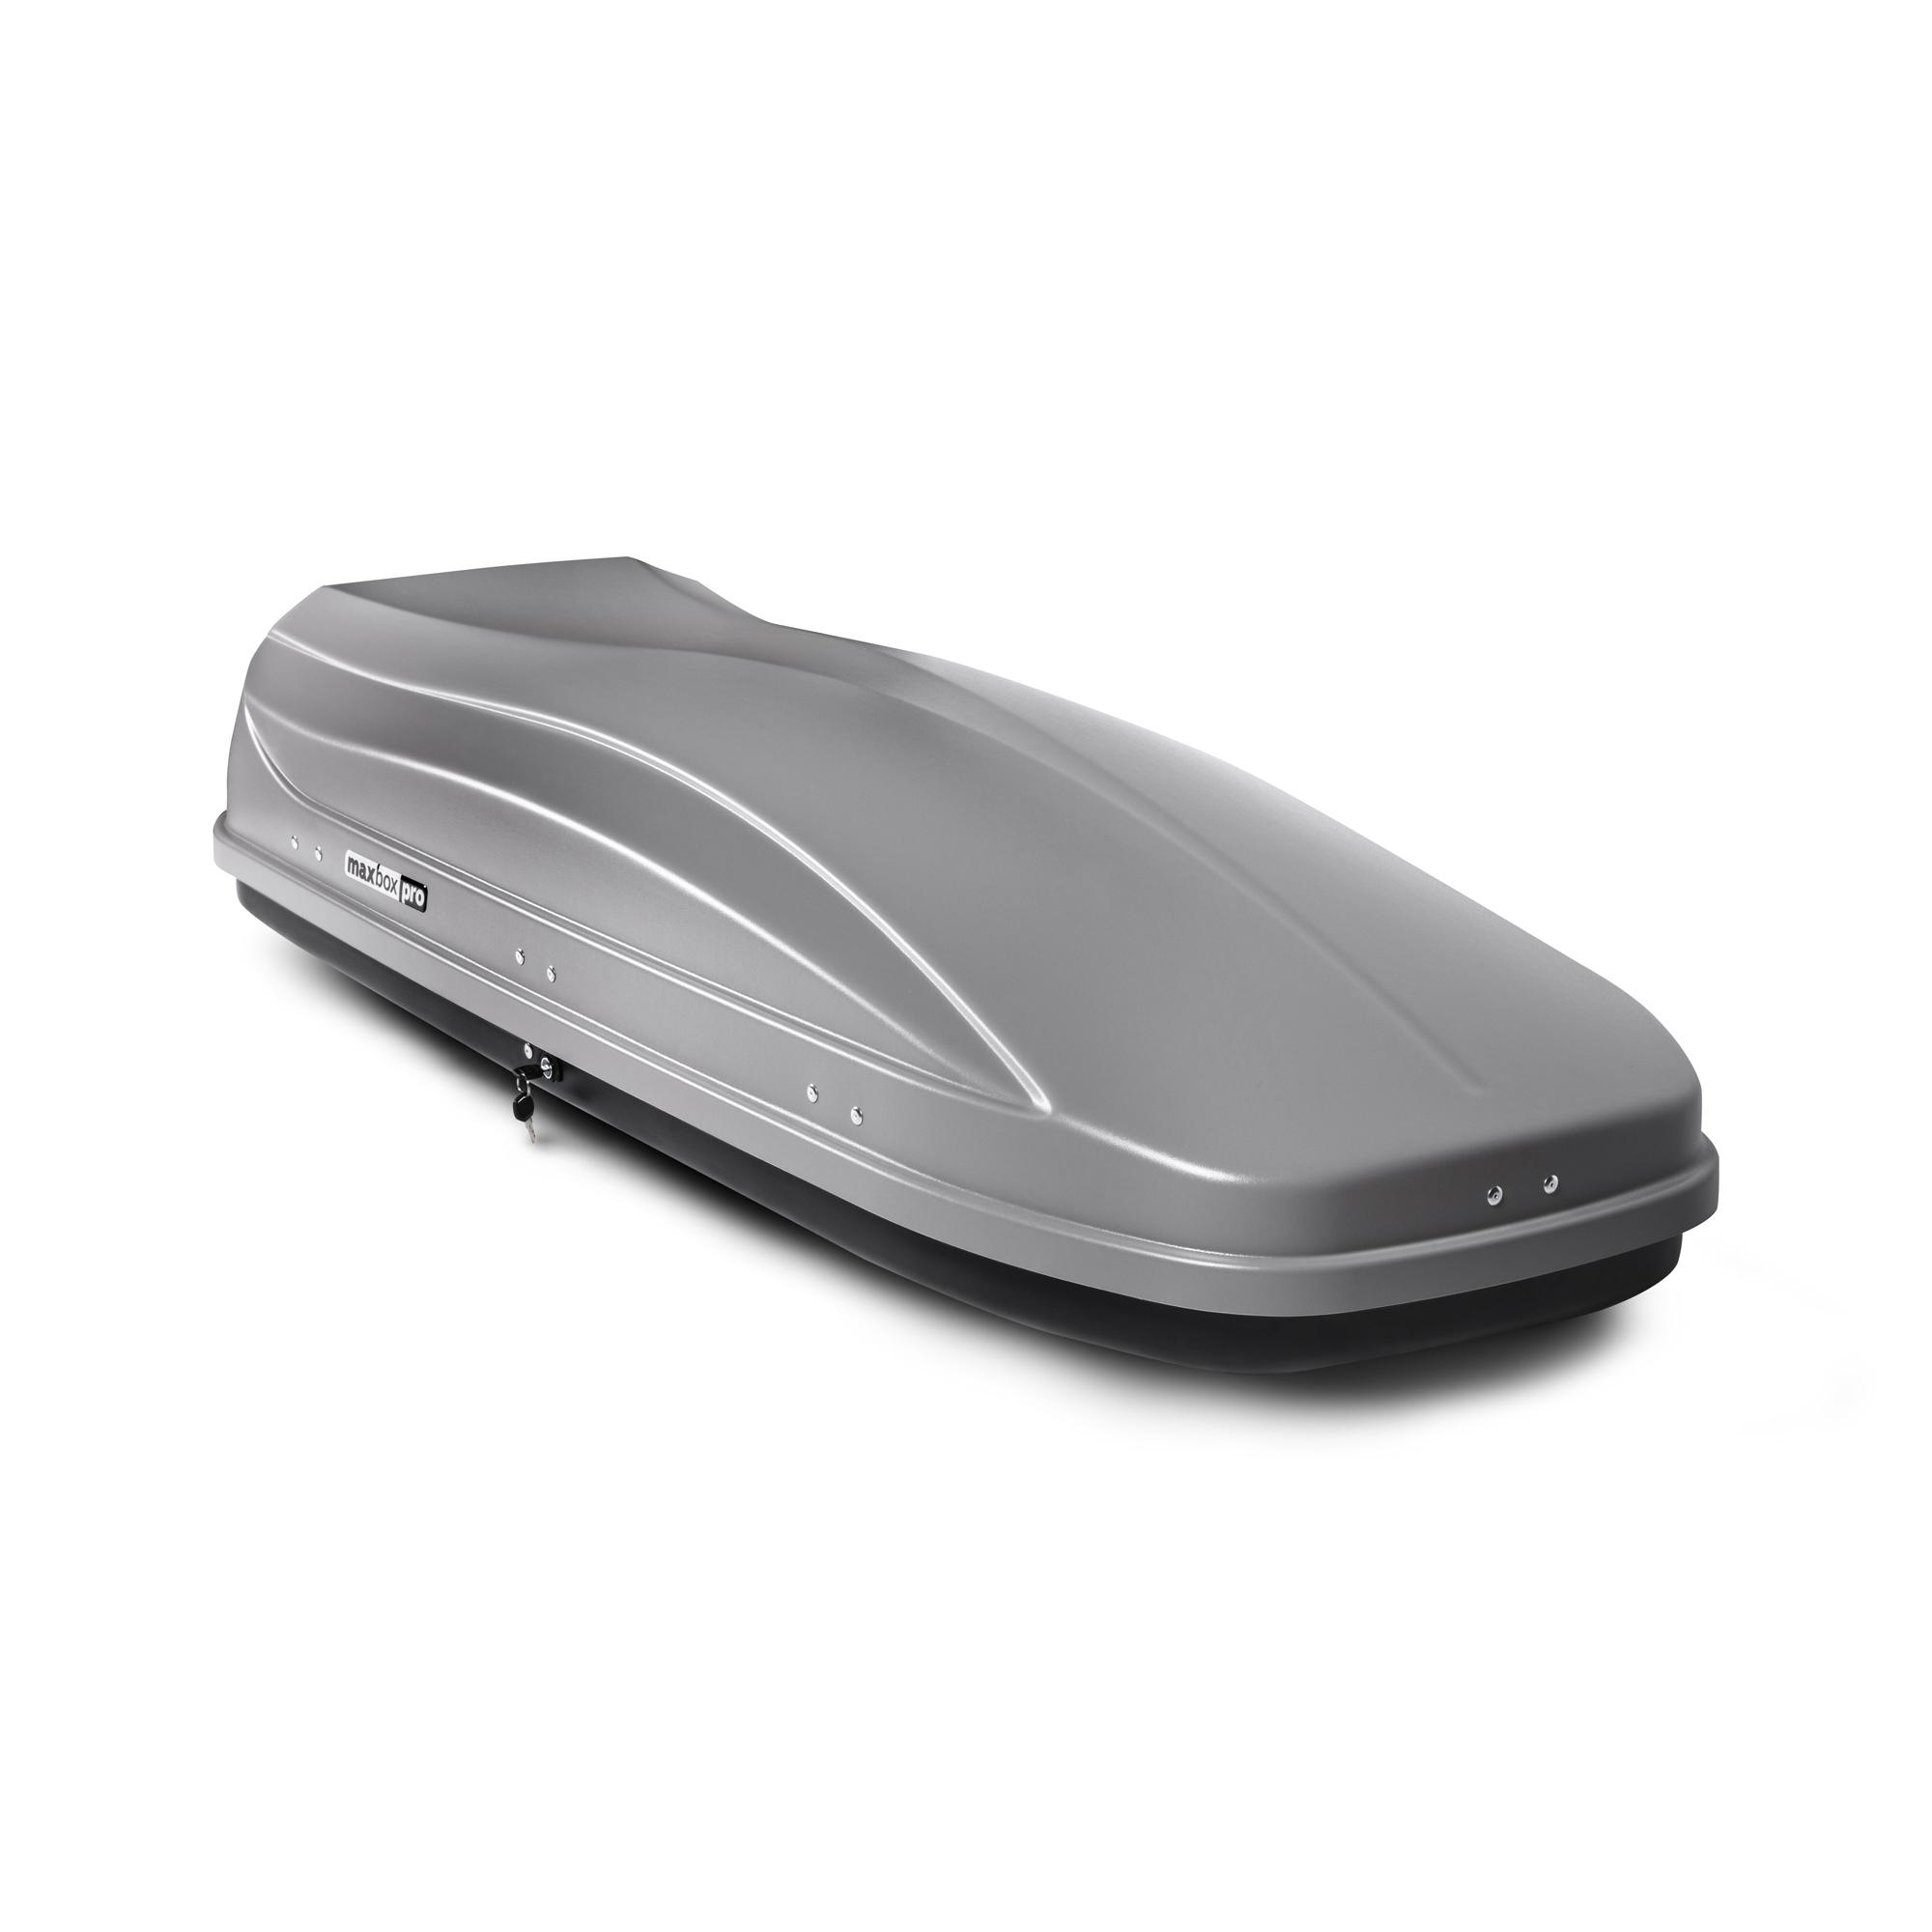 Автобокс MaxBox PRO 520 (большой) цвет на выбор